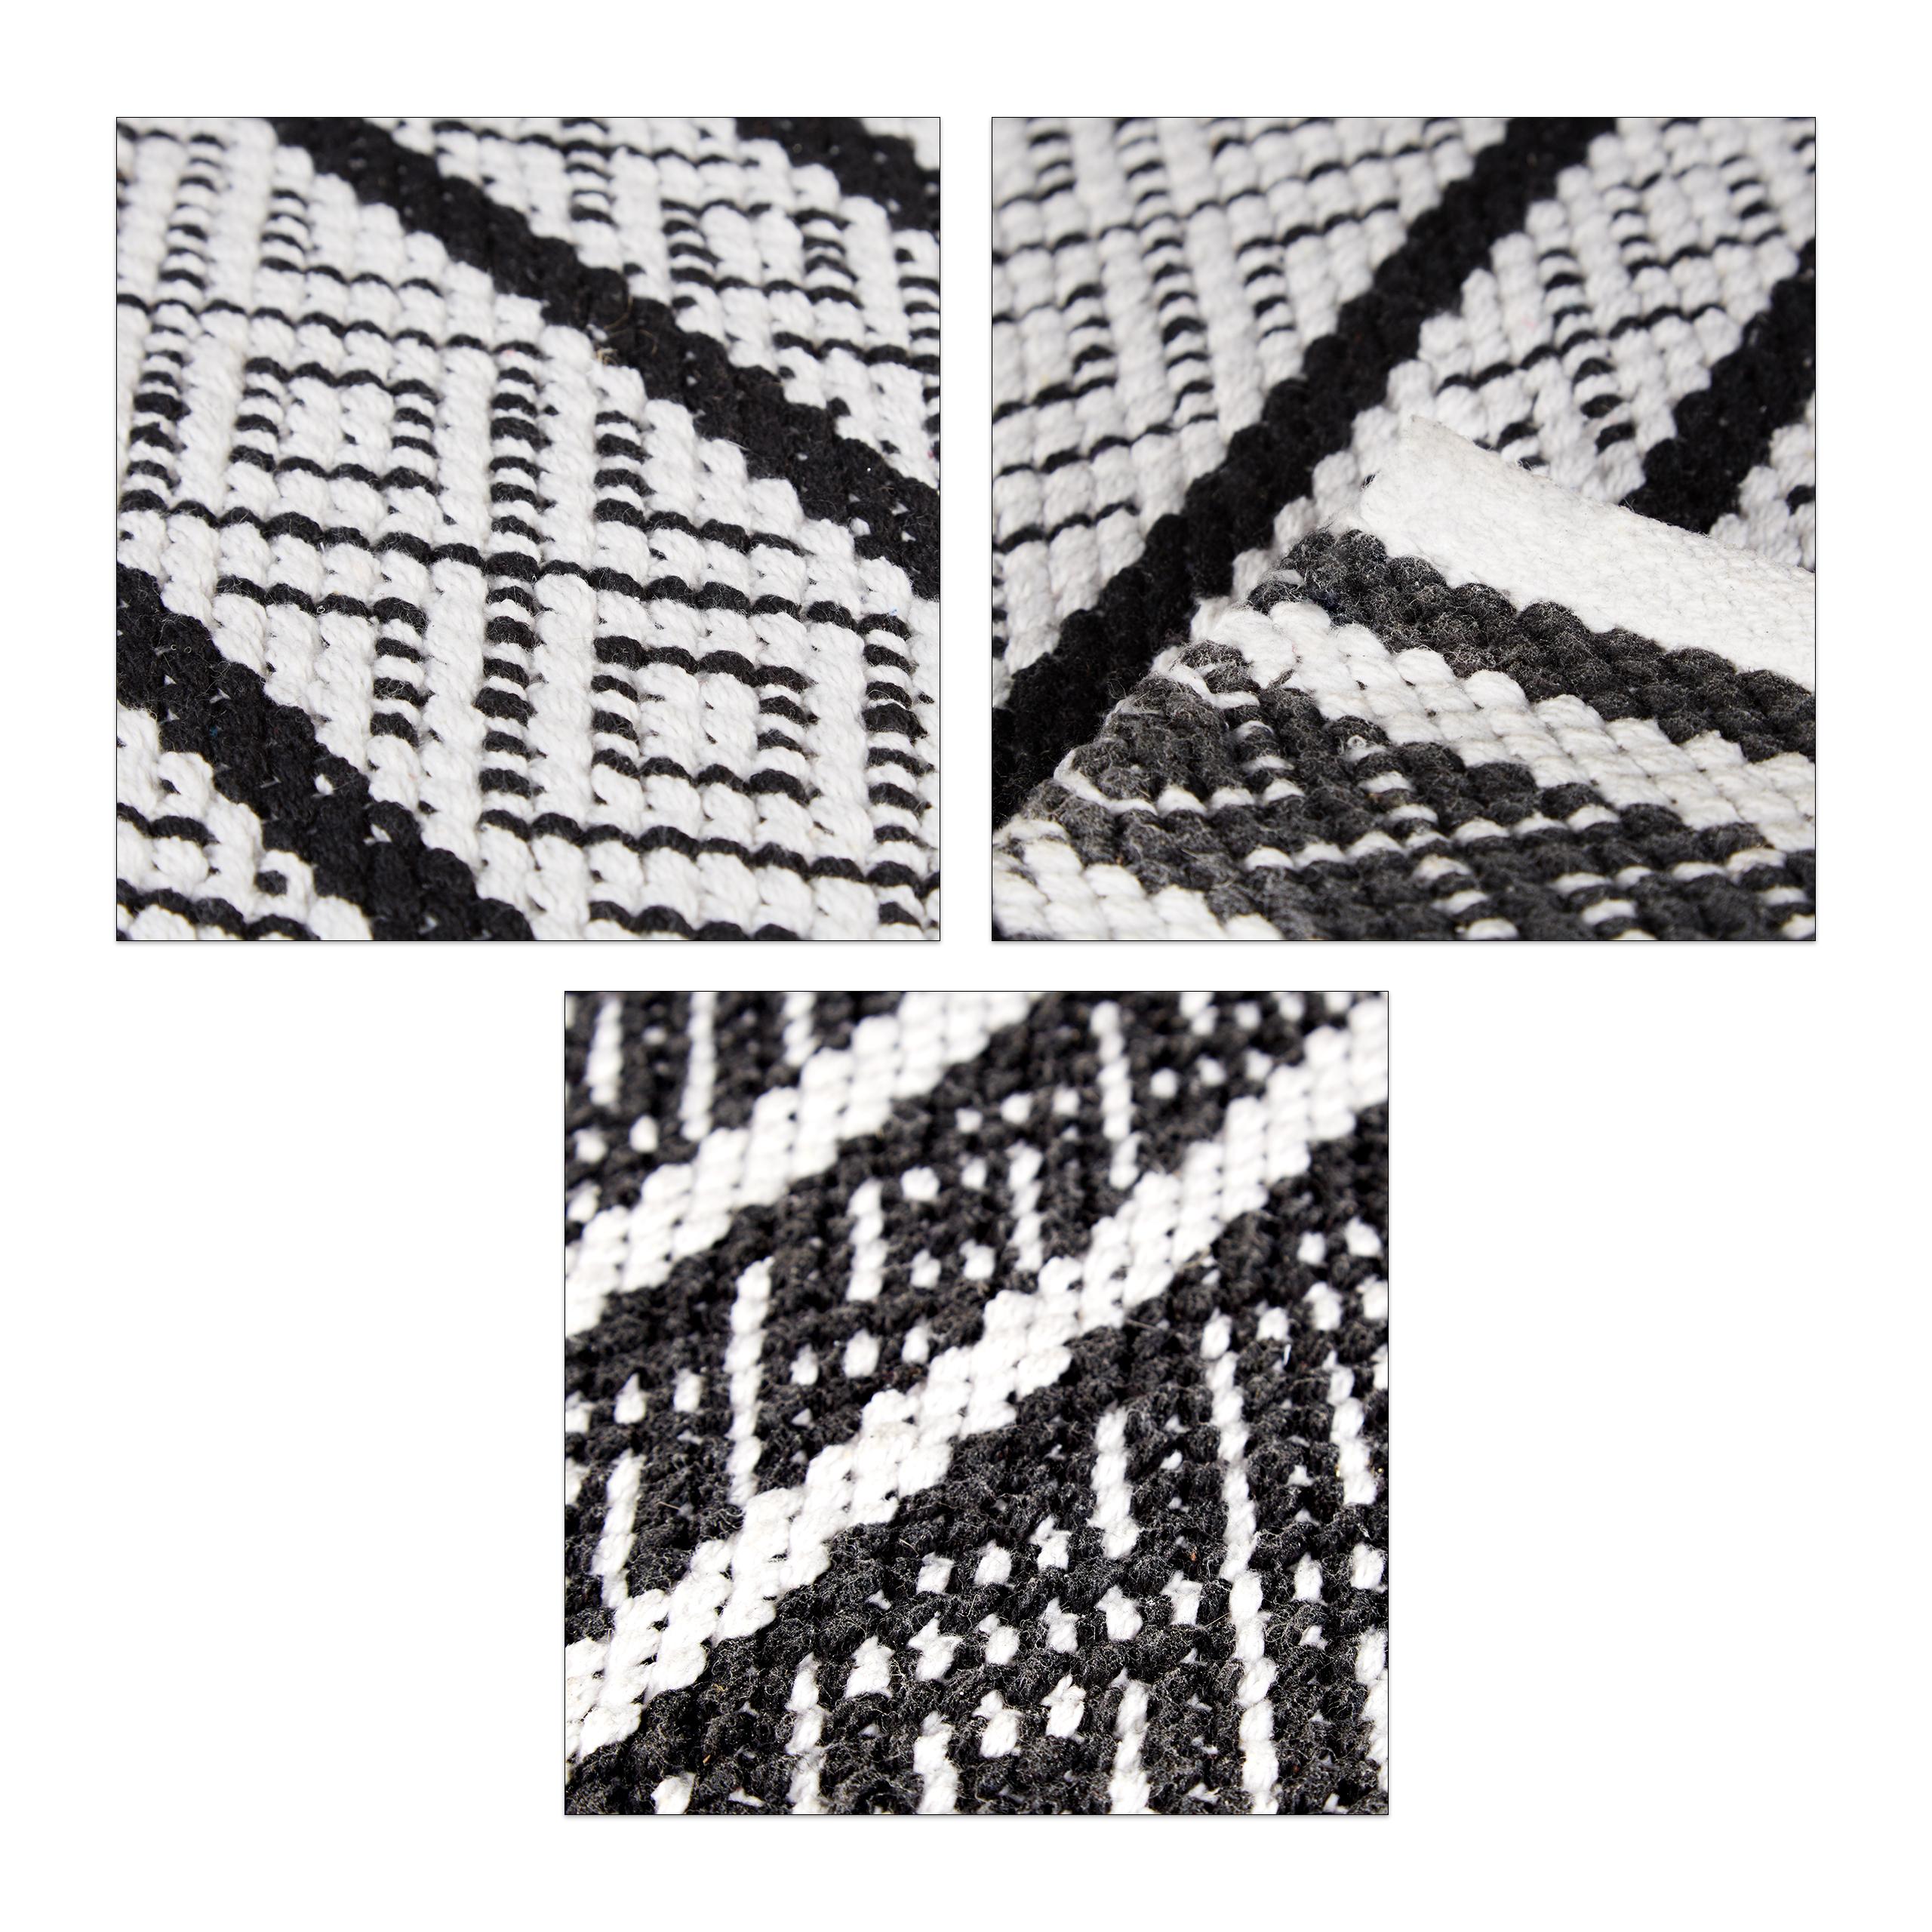 teppich l ufer flur 80x200 70x140 schwarz wei handarbeit baumwolle gewebt ebay. Black Bedroom Furniture Sets. Home Design Ideas